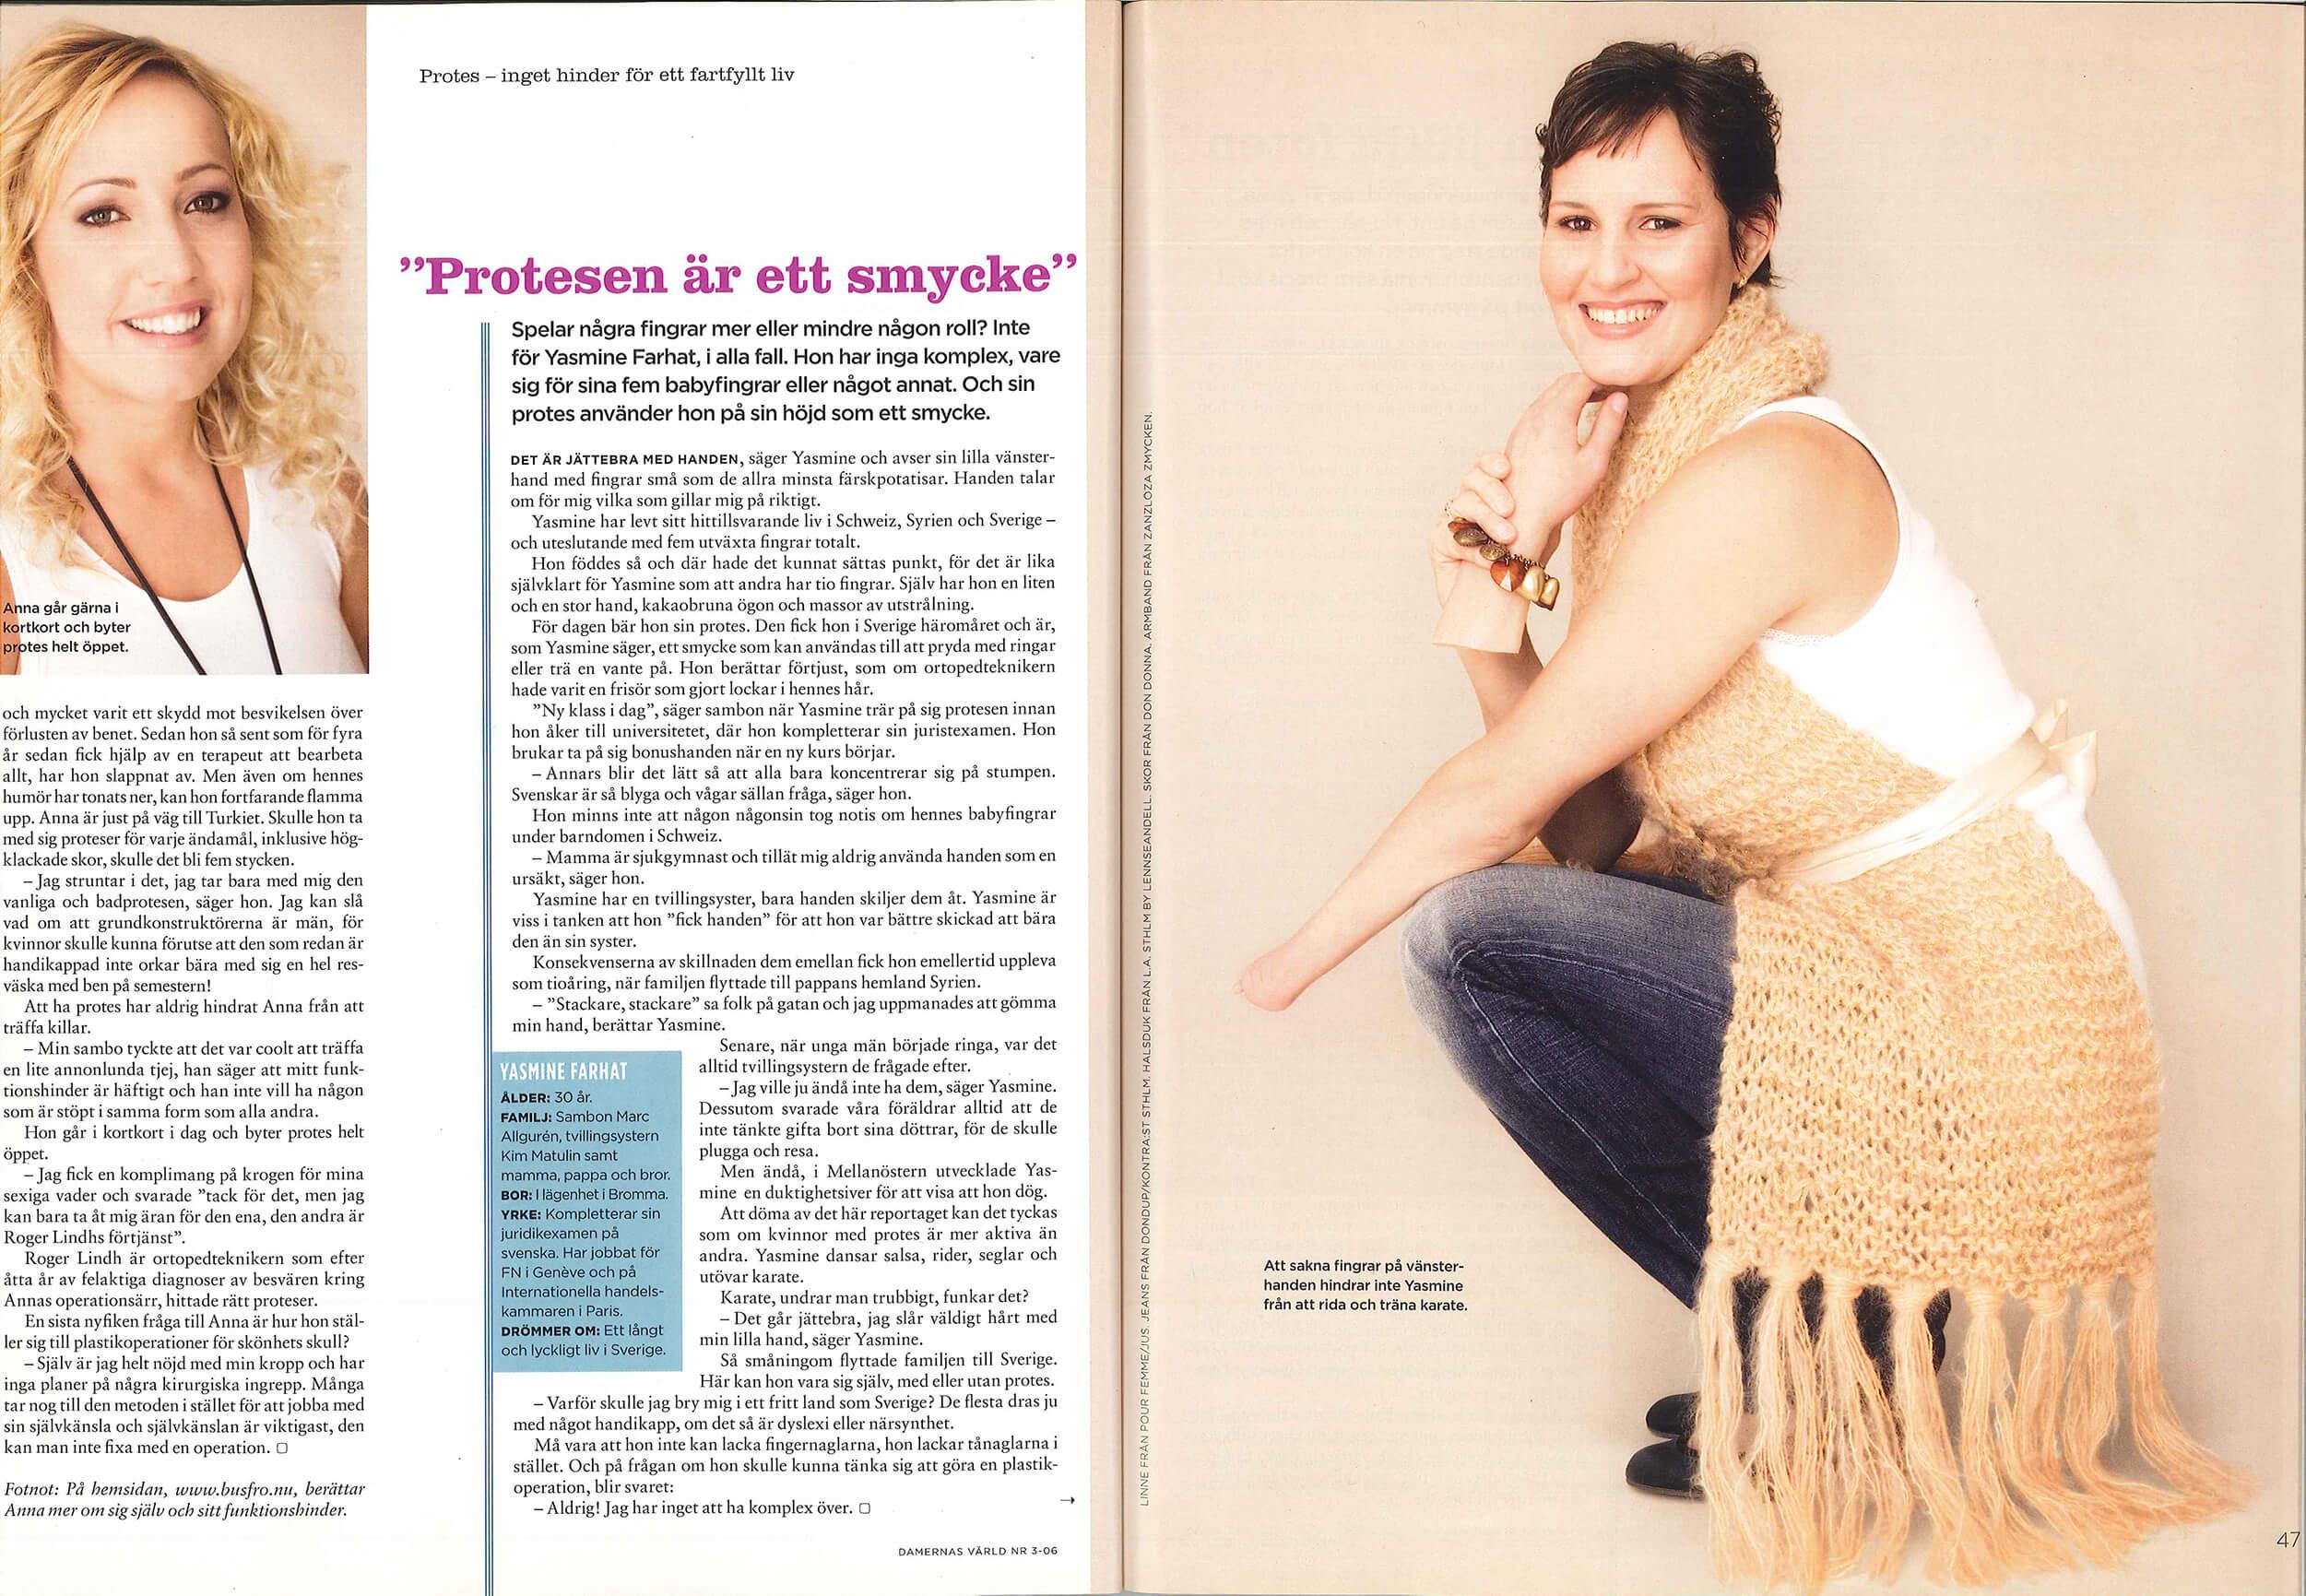 Reportage om kvinnor som har proteser i Damernas Värld. Skribent Ing-Cathrin Nilsson.